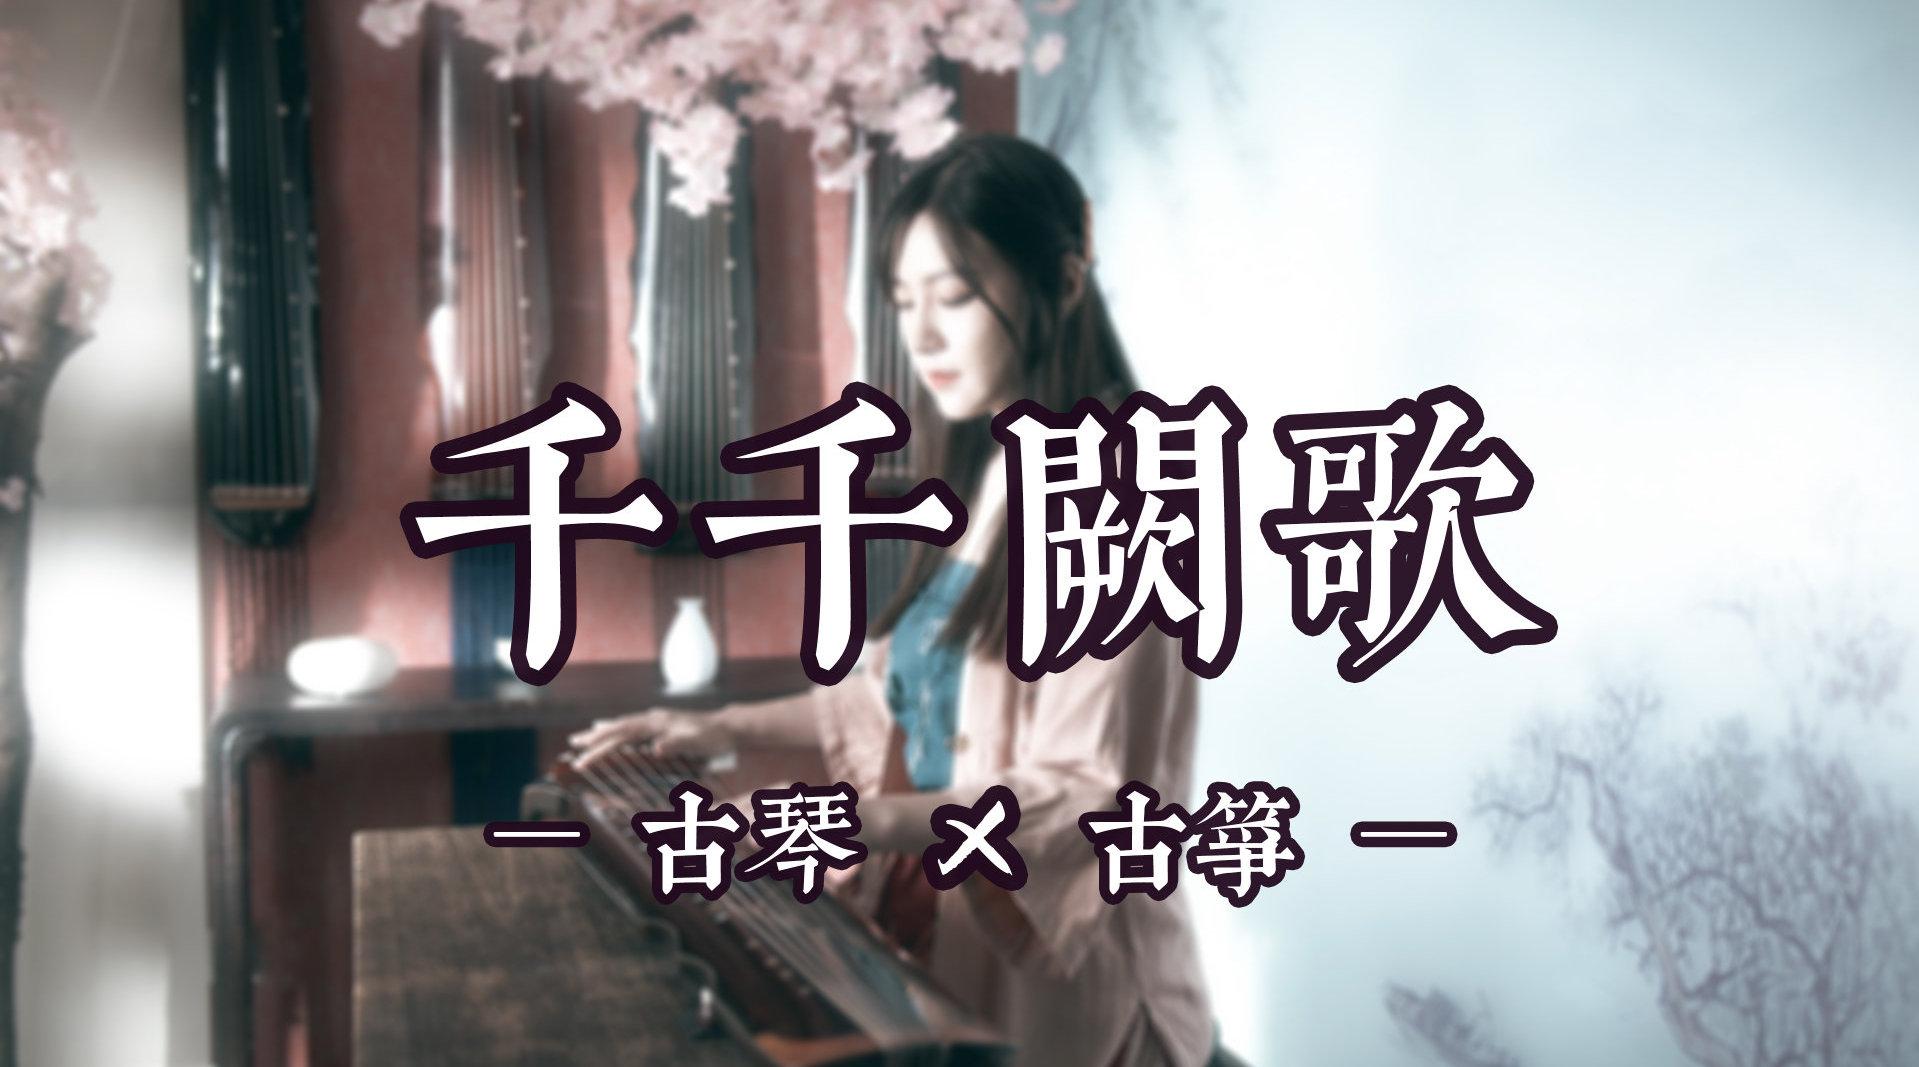 【古琴X古筝】今宵与你共唱《千千阙歌》...